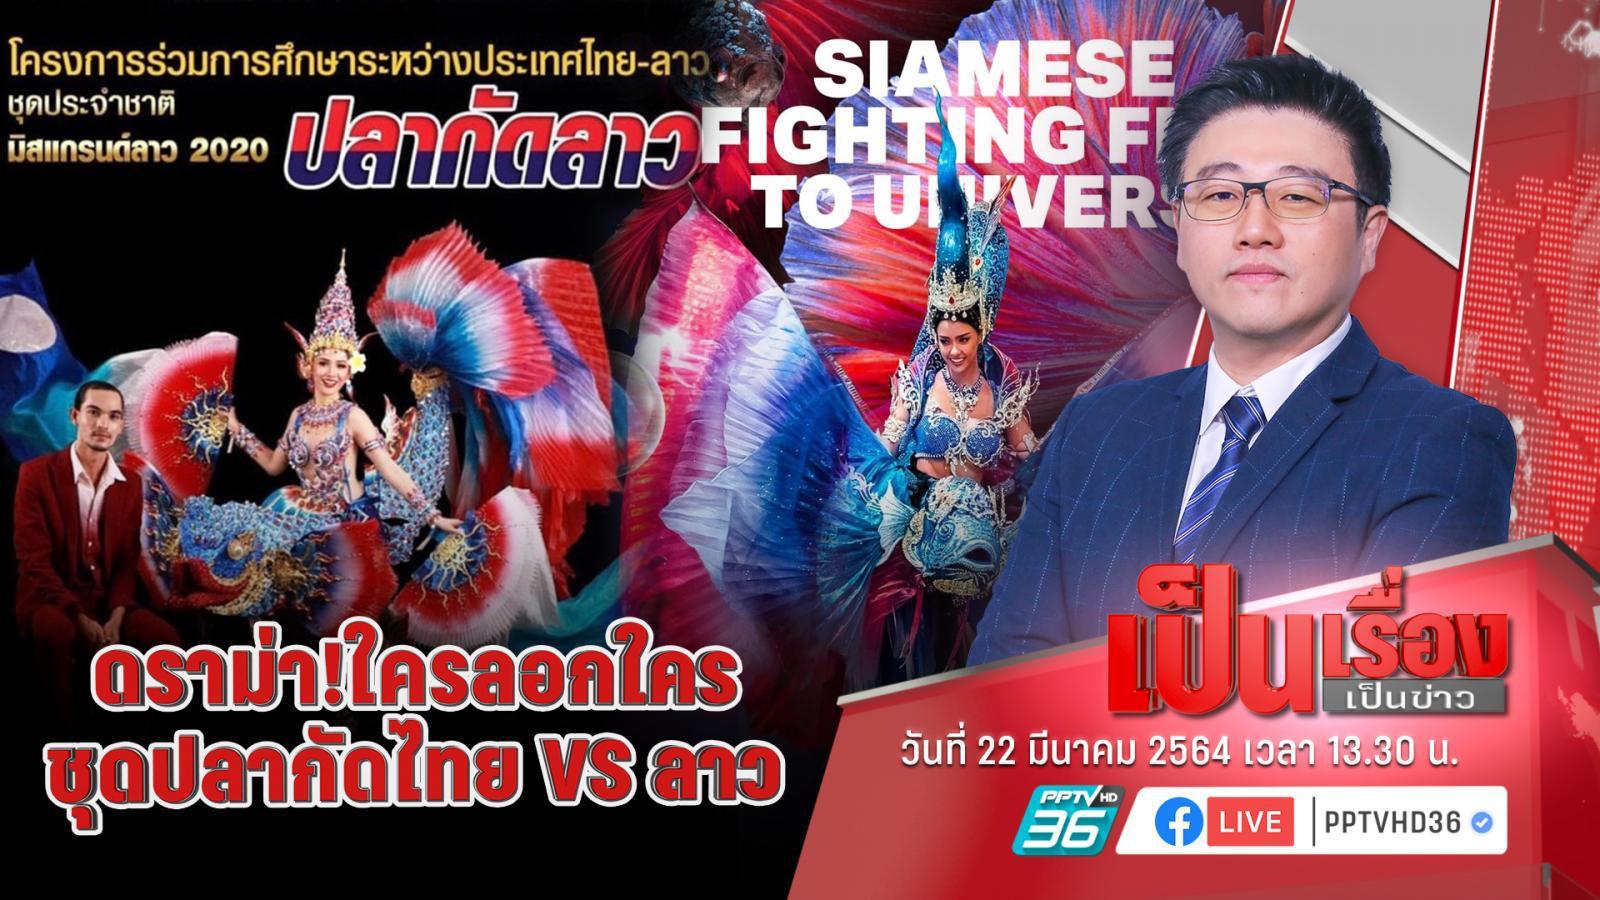 ดราม่า!ใครลอกใคร ชุดปลากัดไทย VS ลาว